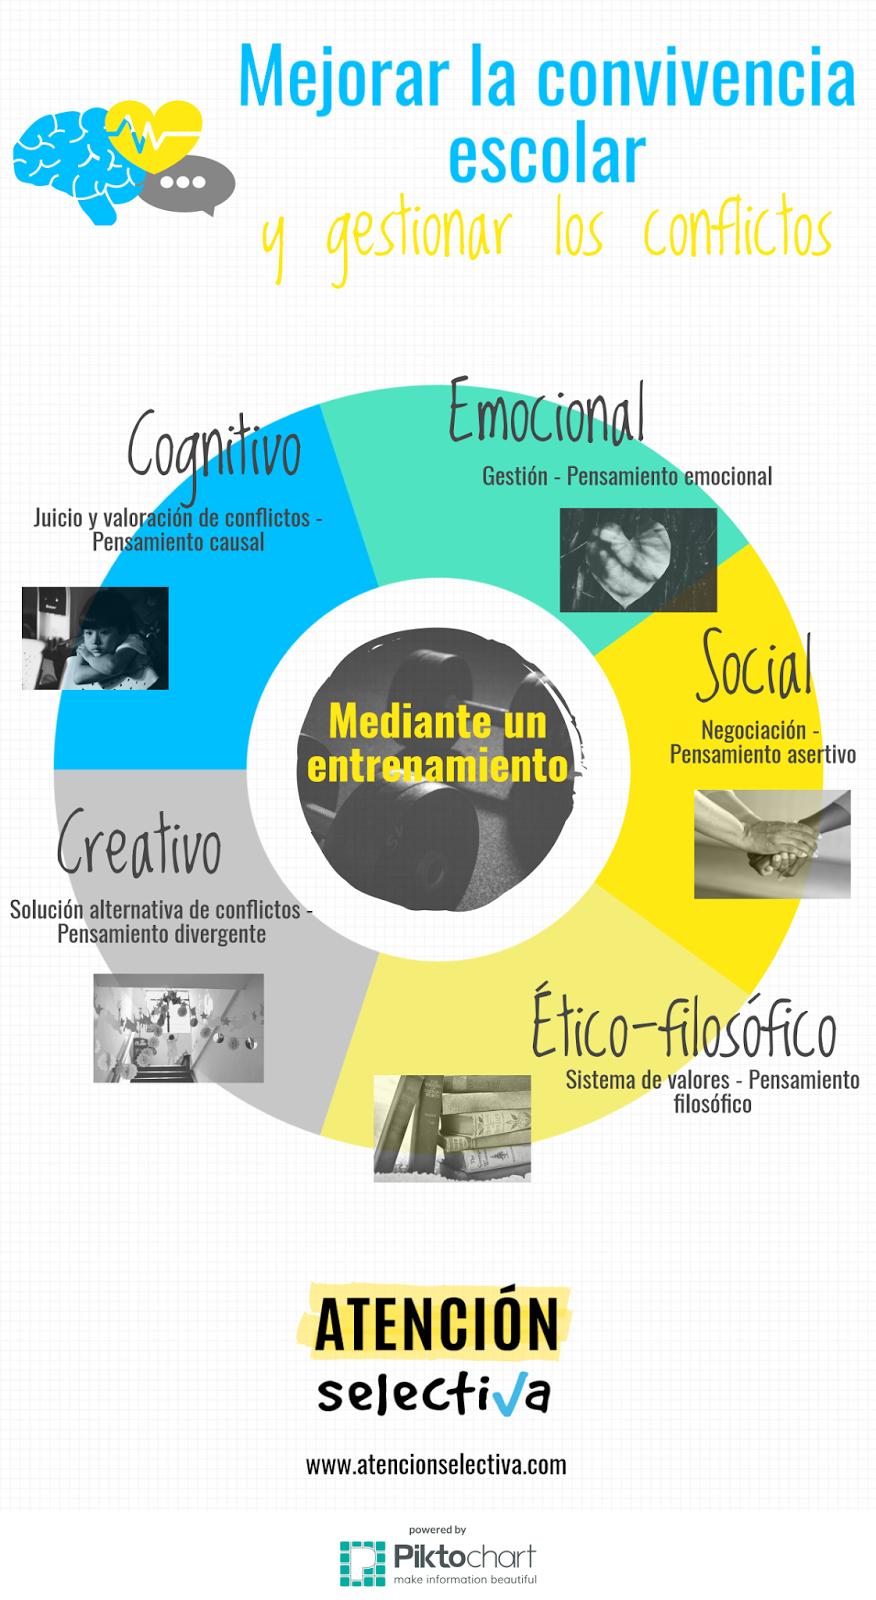 Entrenamiento Para Mejorar La Convivencia Escolar Y Gestionar Los Conflictos Atención Selectiva Mediacion Escolar Pensamiento Emocional Normas Del Aula